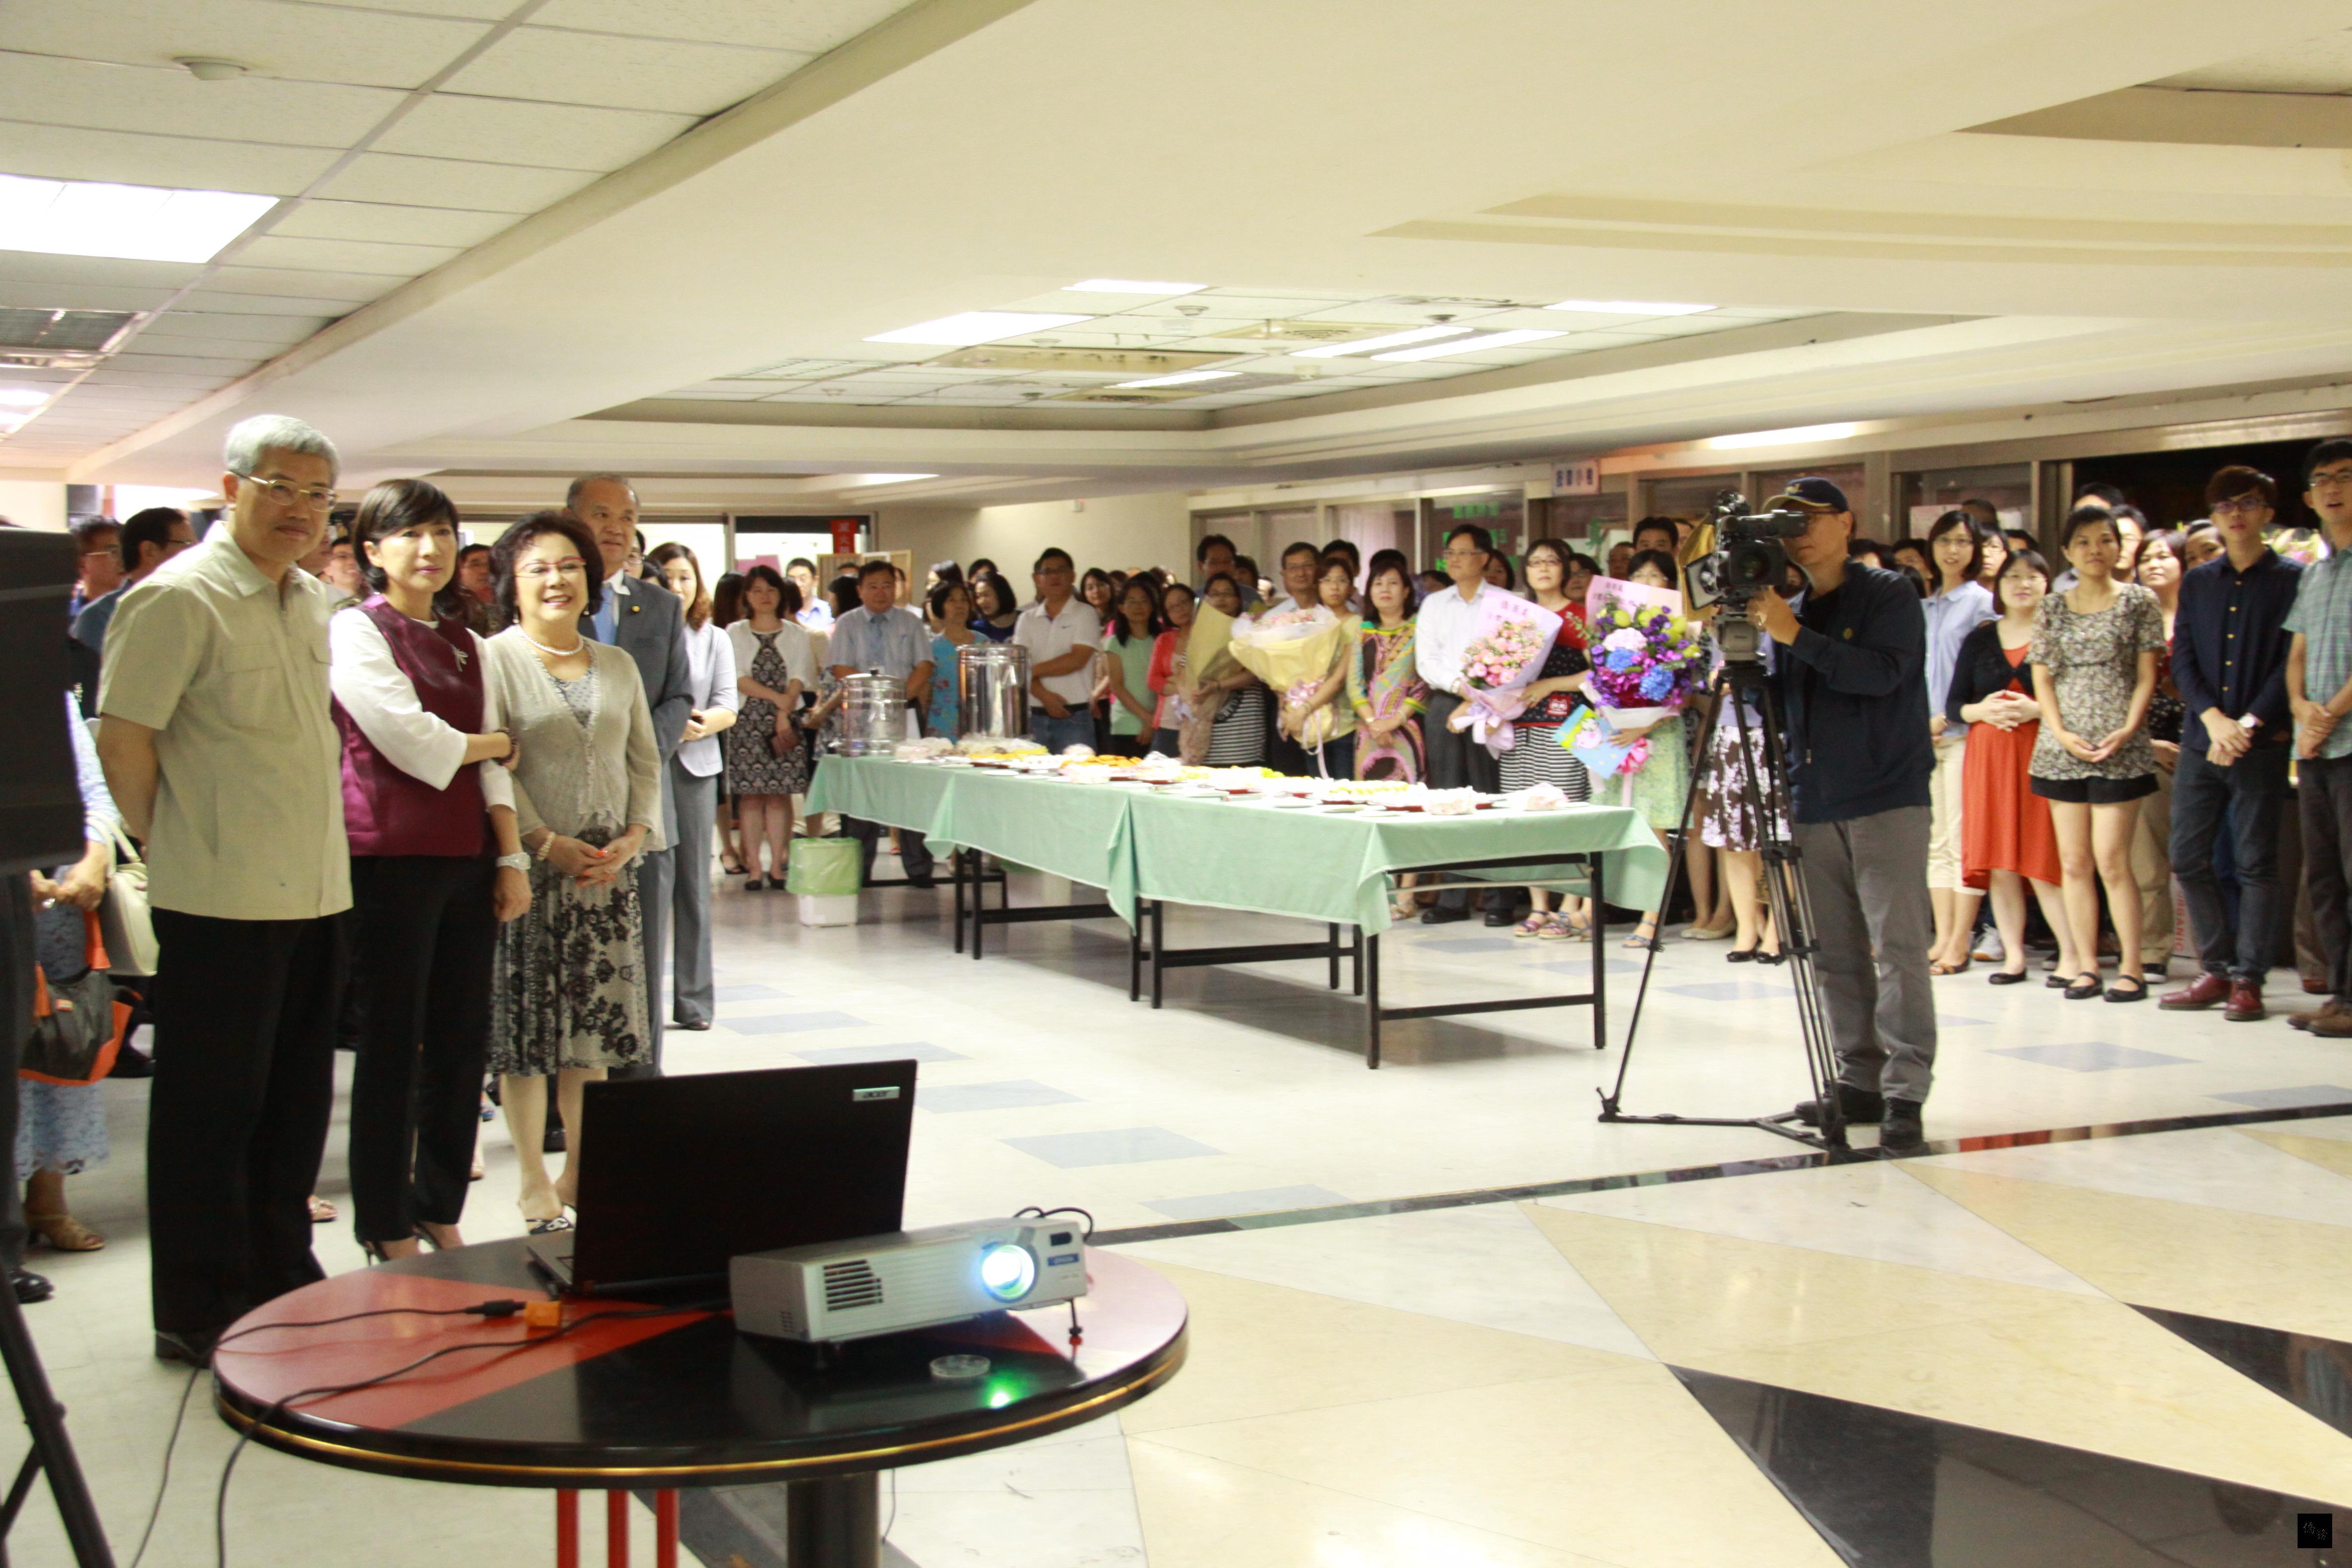 僑委會舉辦歡送副委員長陳玉梅茶會,同仁們一起觀賞陳玉梅出席僑社活動的影片回顧。